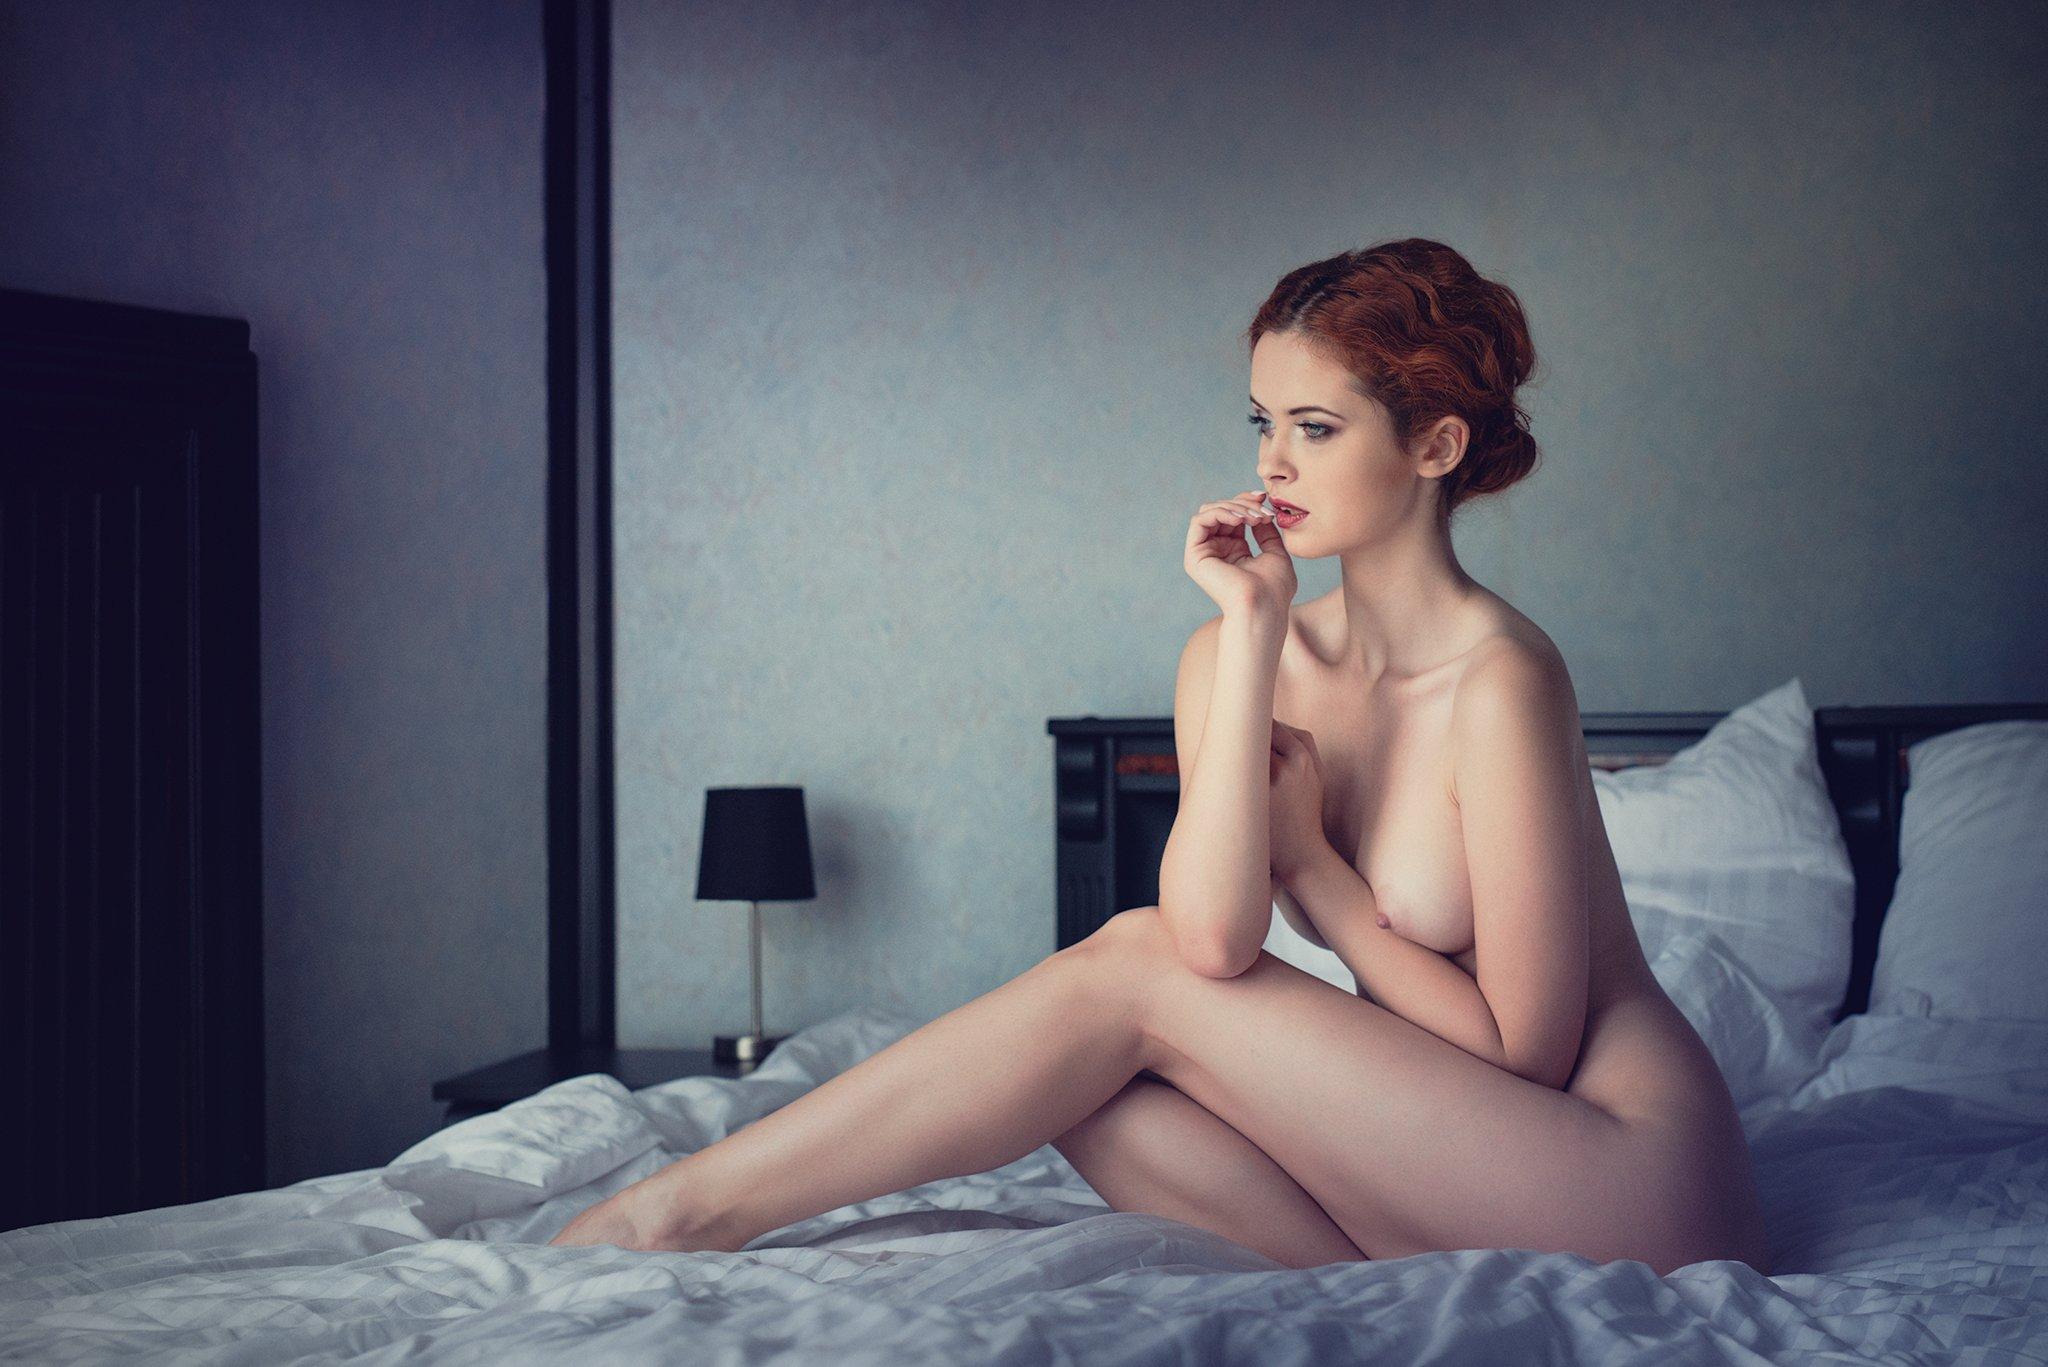 nude, sensual, bedroom, Daniel Bidiuk